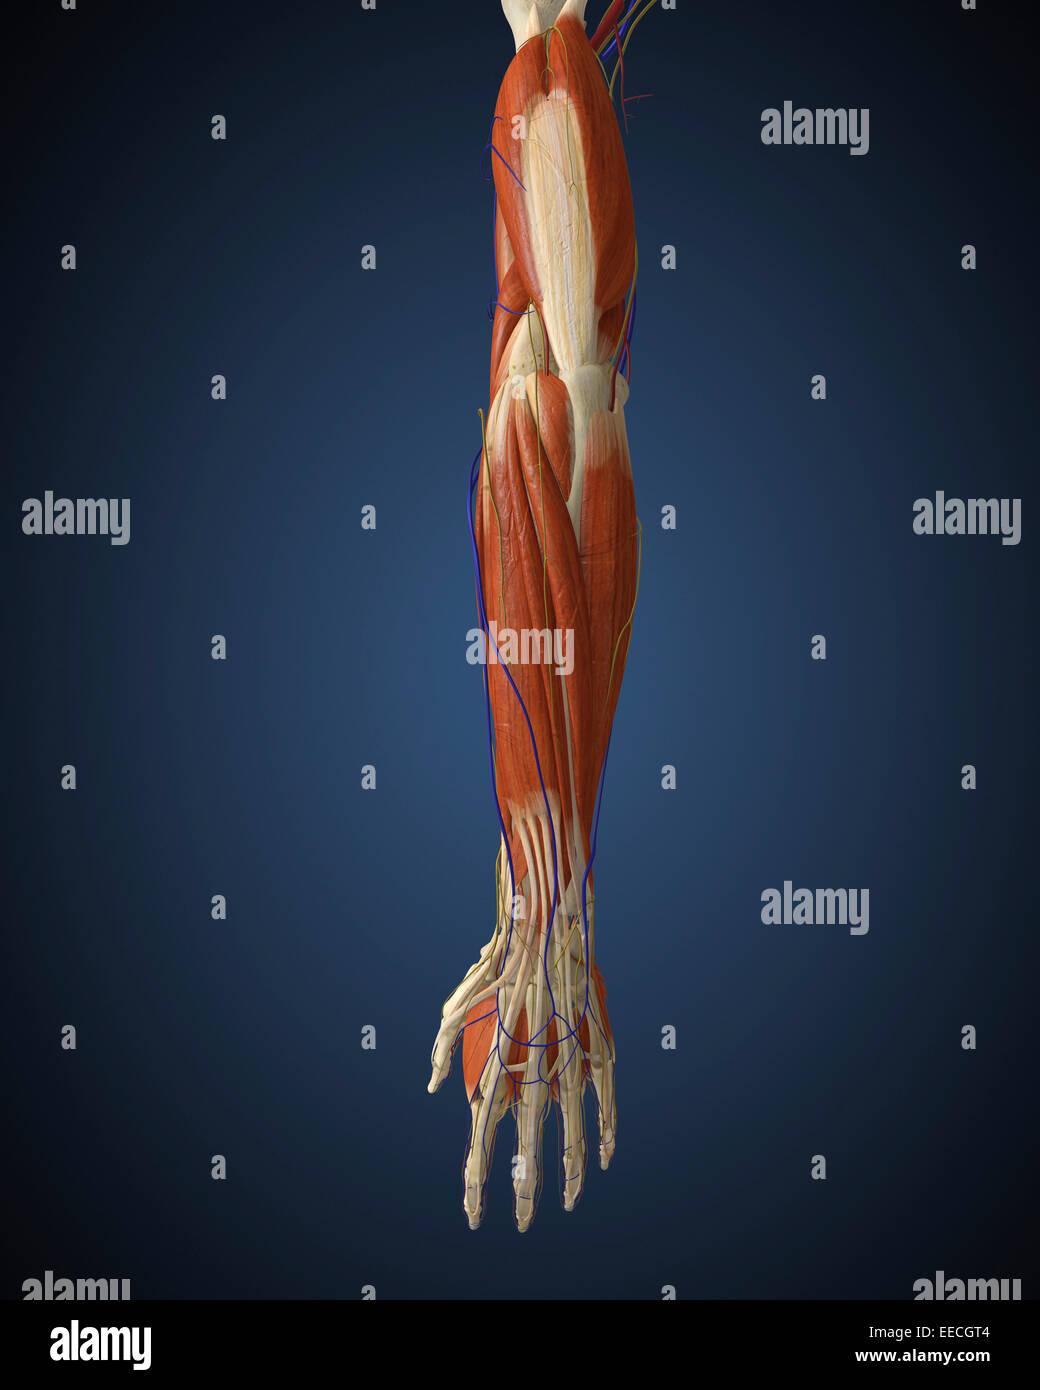 Menschlichen Arm mit Knochen, Muskeln und Nerven Stockfoto, Bild ...